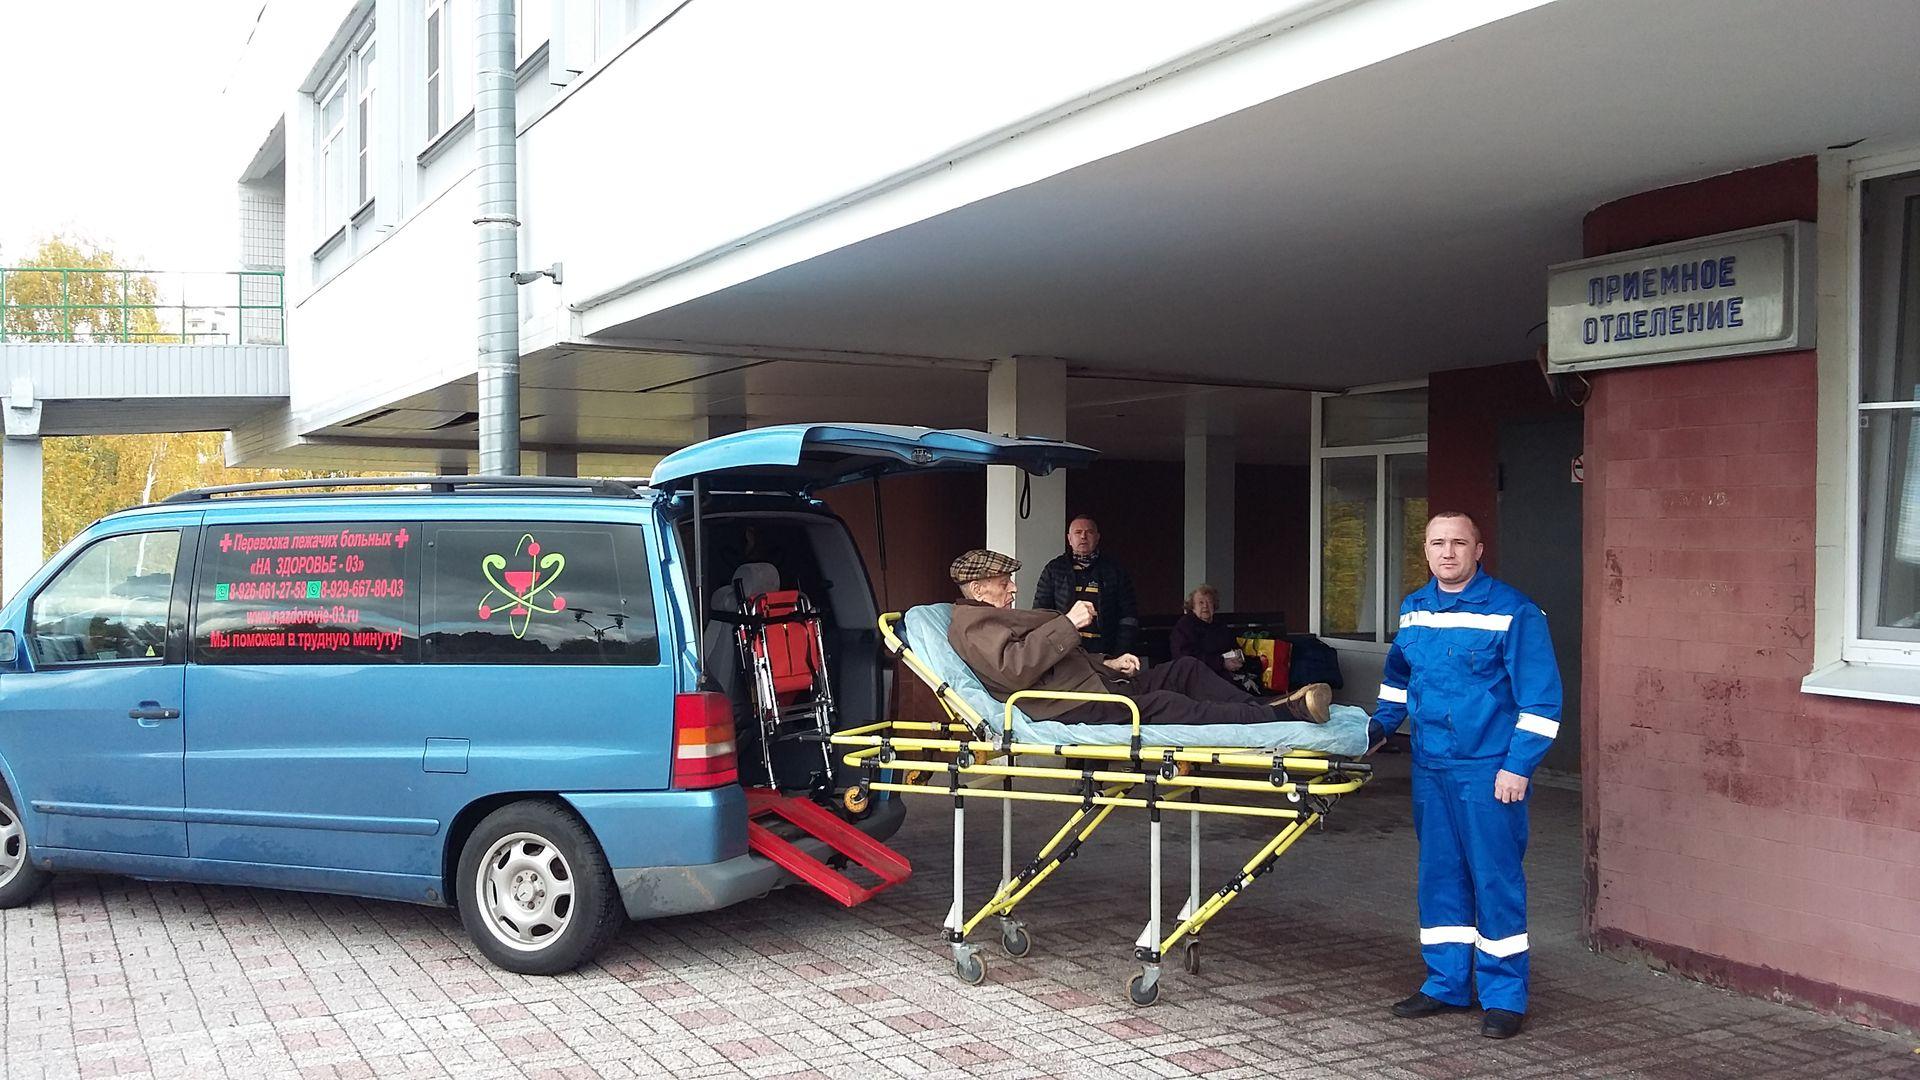 Medtaksi72.ru — профессиональная перевозка лежачих больных